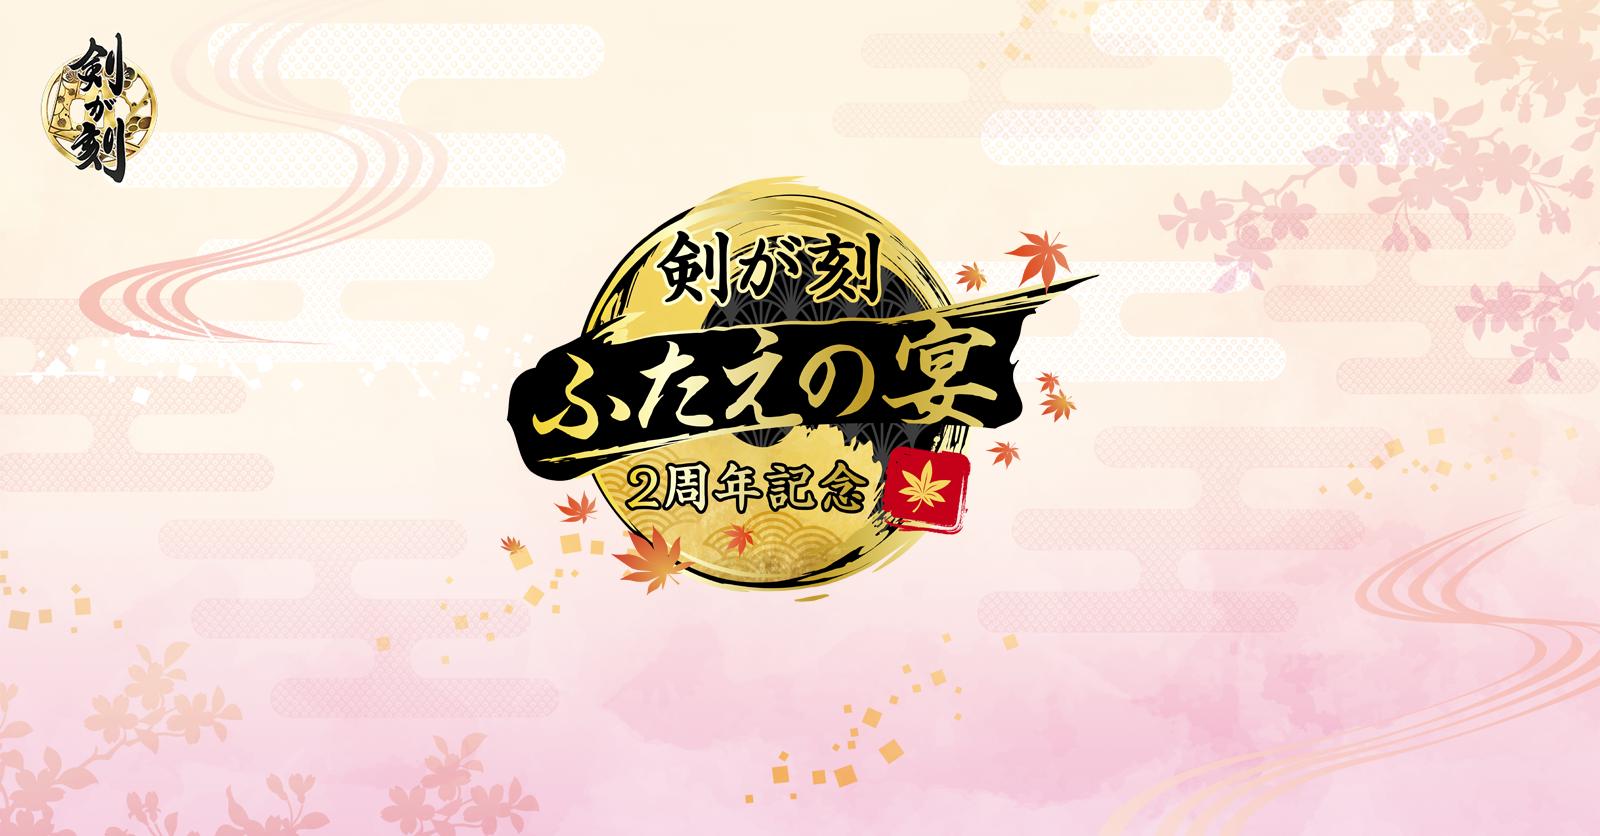 『剣が刻』二周年記念番組「ふたえの宴」配信決定!